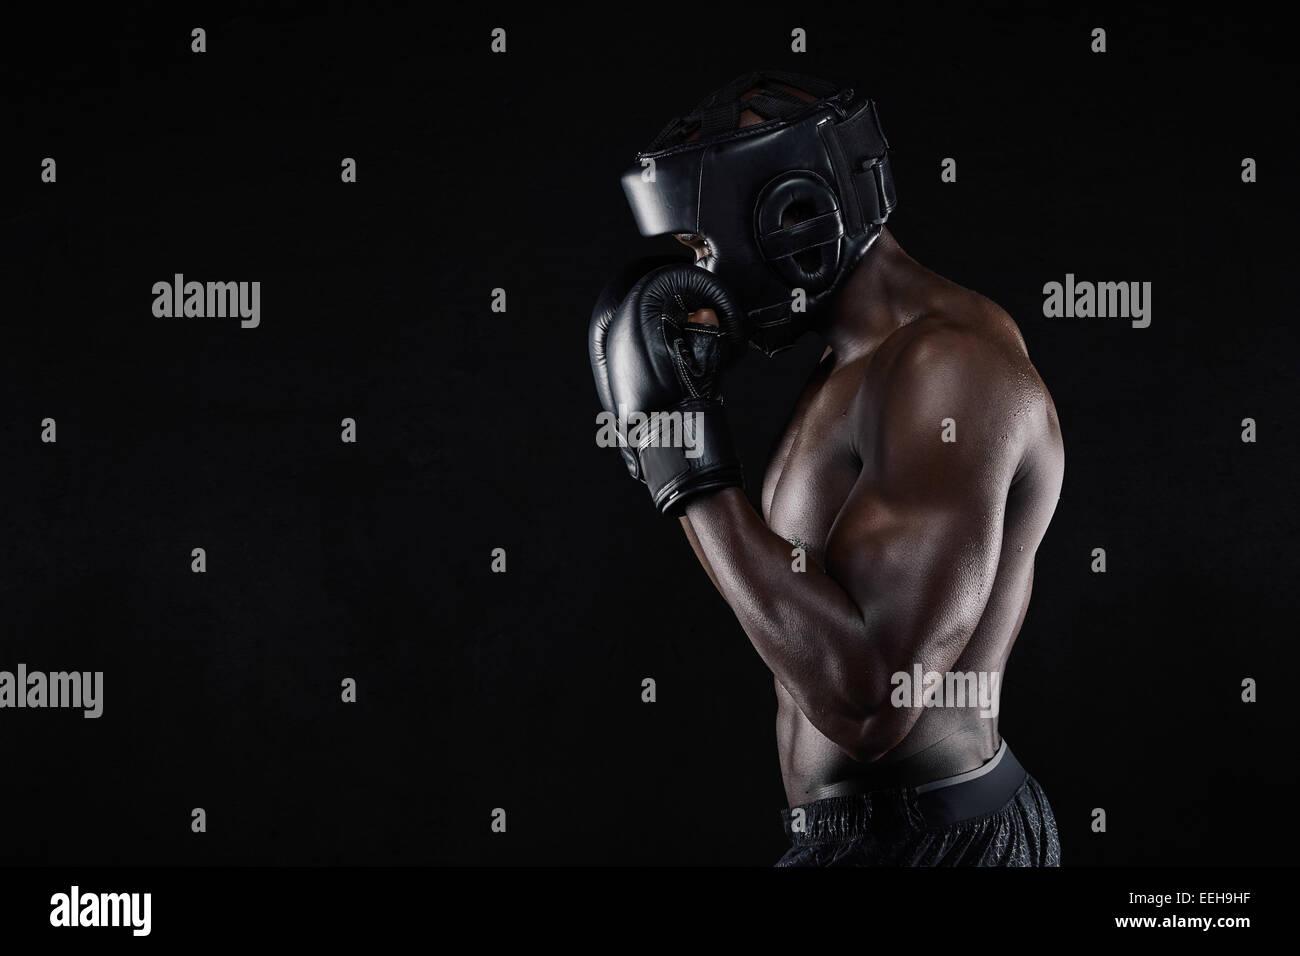 Vista laterale di un giovane maschio boxer in un atteggiamento di combattimento su sfondo nero. Africa boxer maschio Immagini Stock